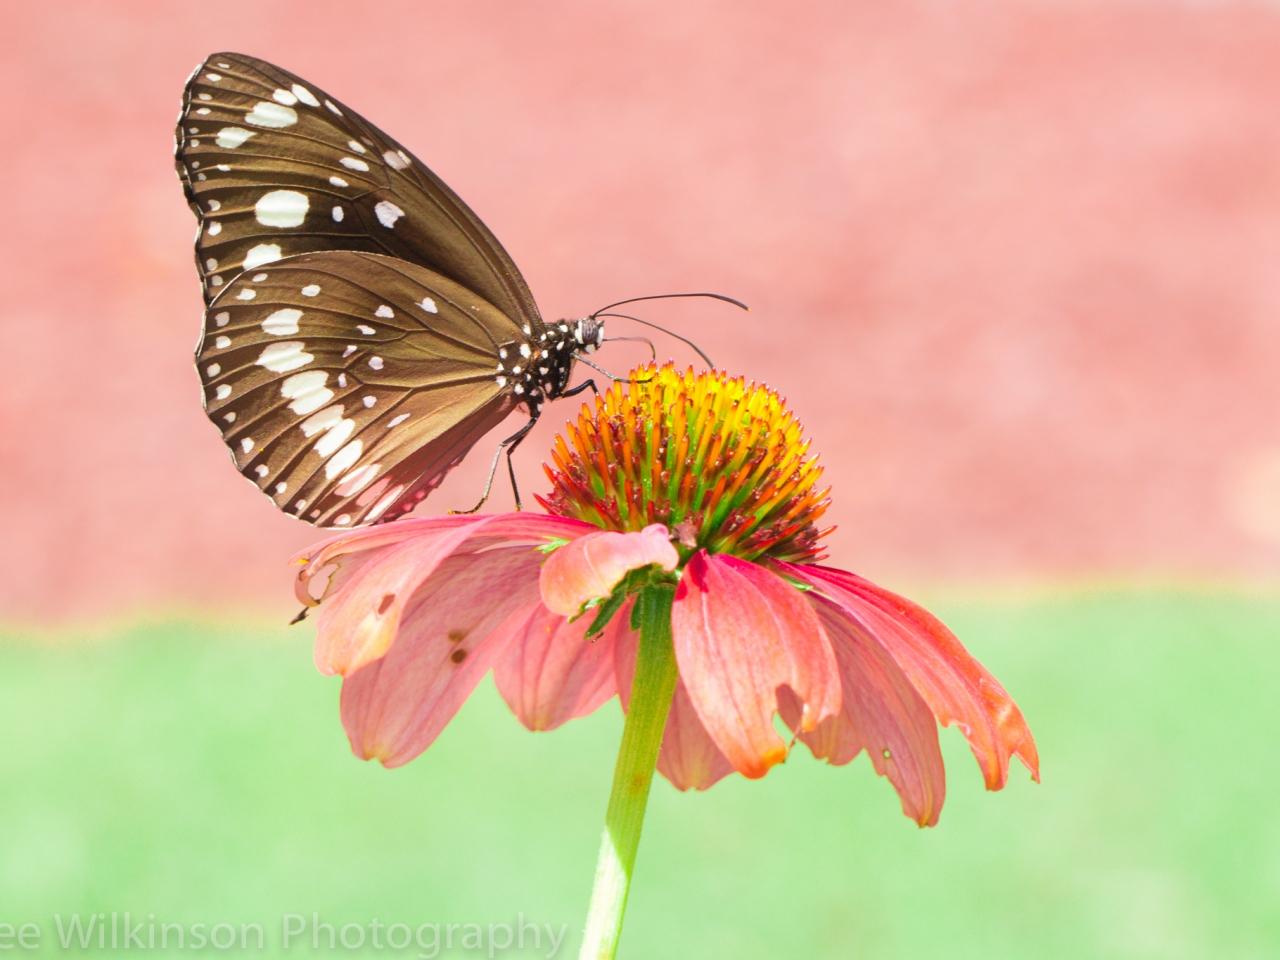 Mariposa en una flor rosada - 1280x960